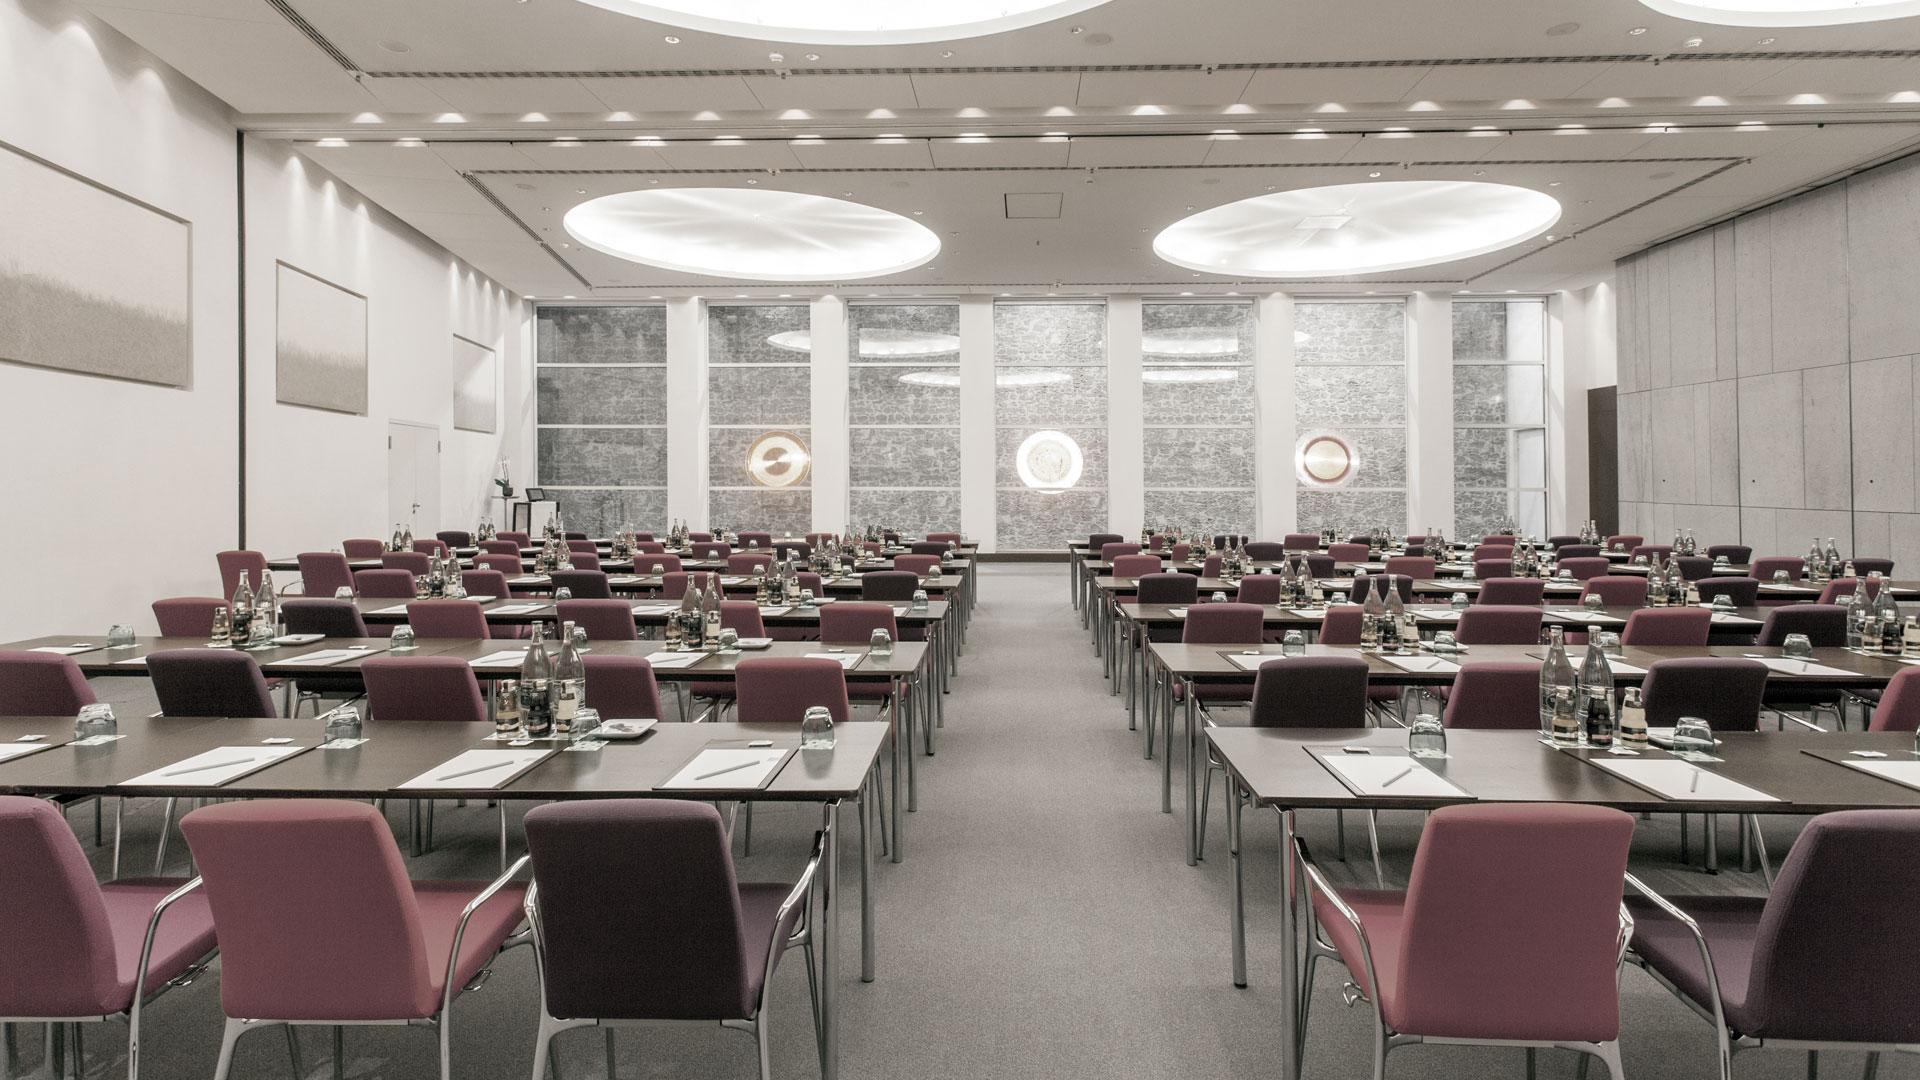 feiern tagen im side hotel die location in hamburg. Black Bedroom Furniture Sets. Home Design Ideas